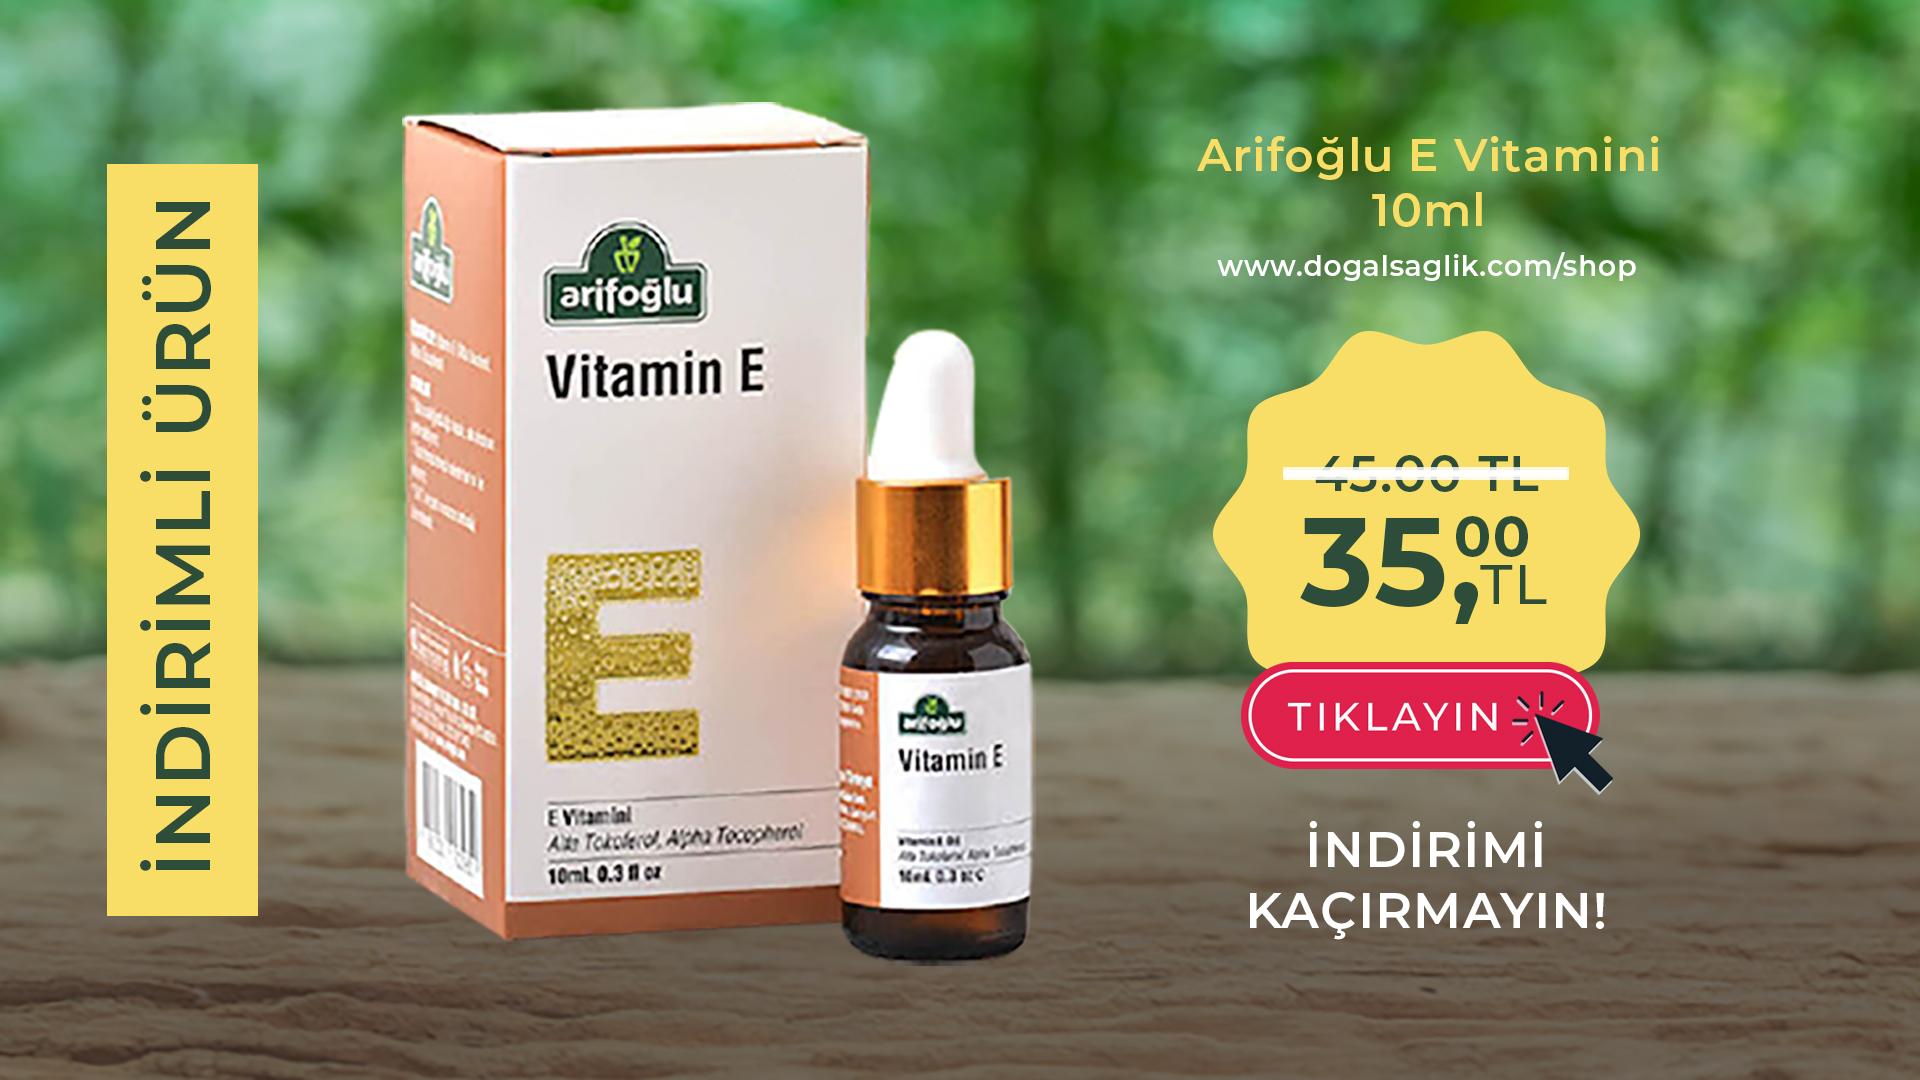 Arifoglu Vitamin E